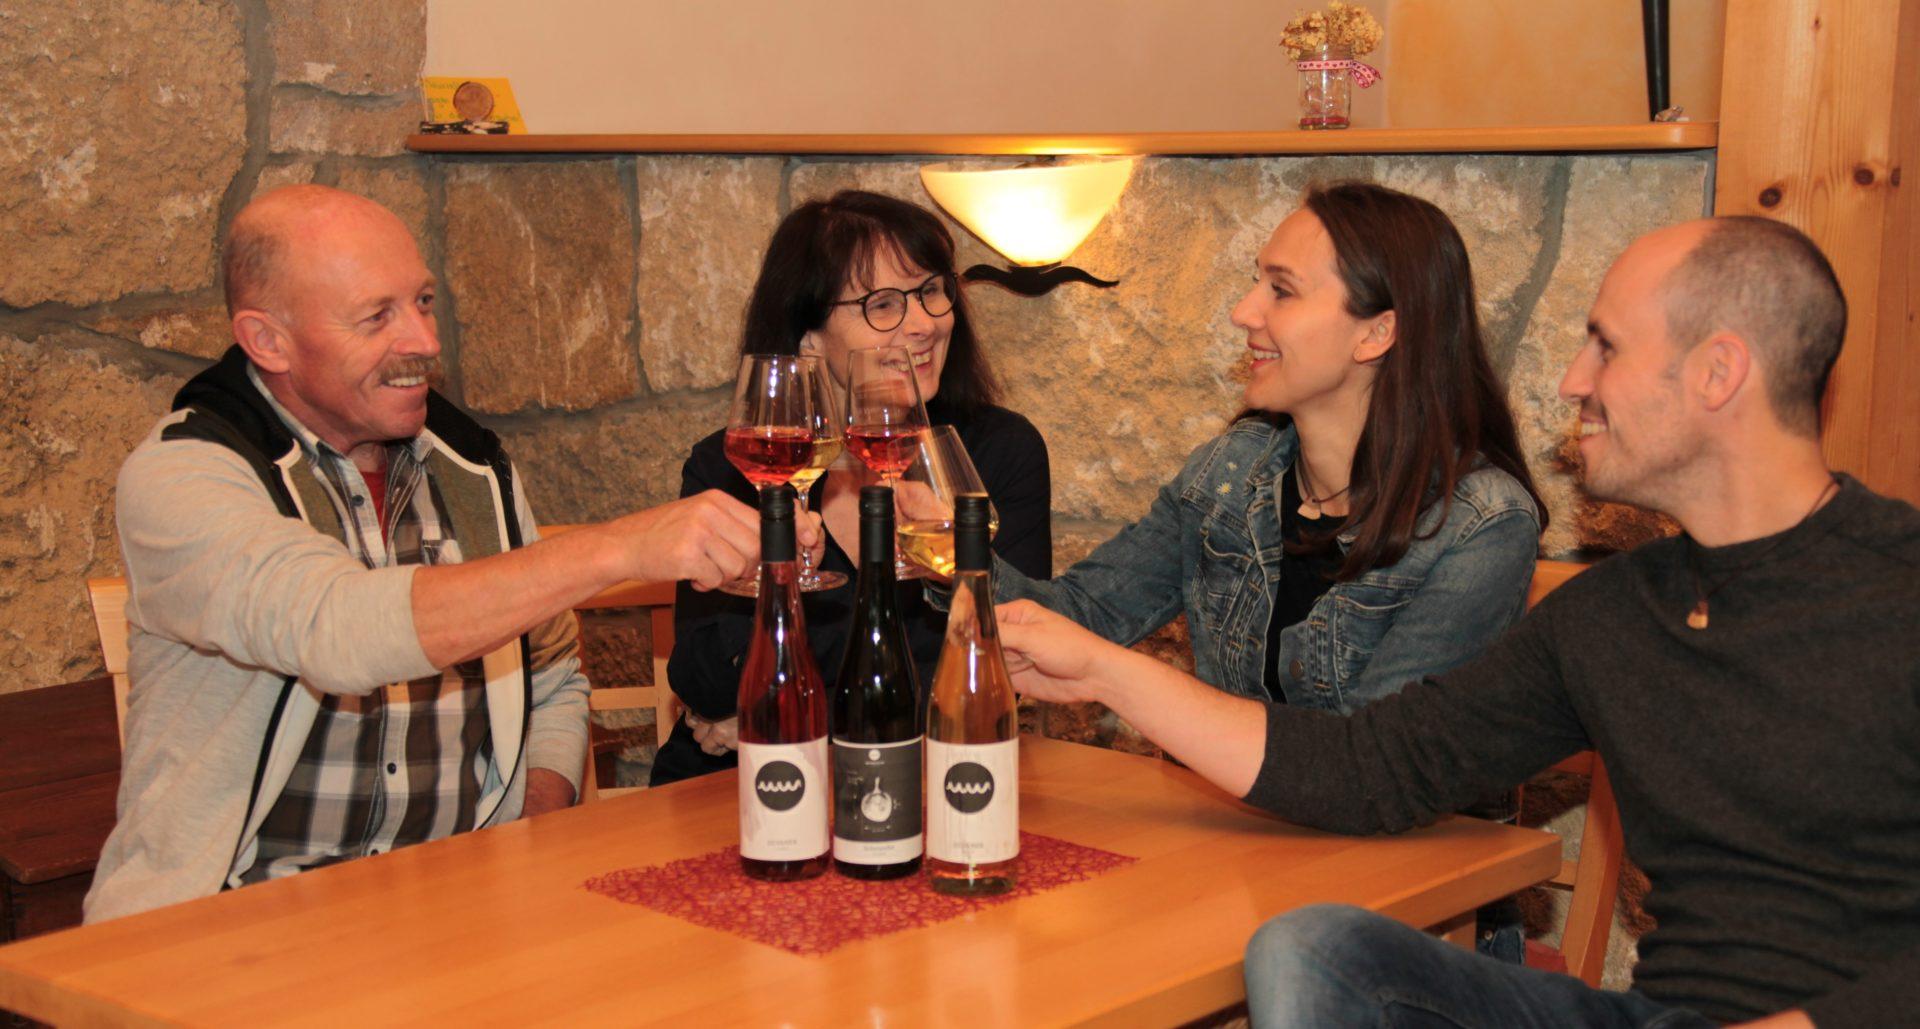 Familie trinkt zusammen Wein